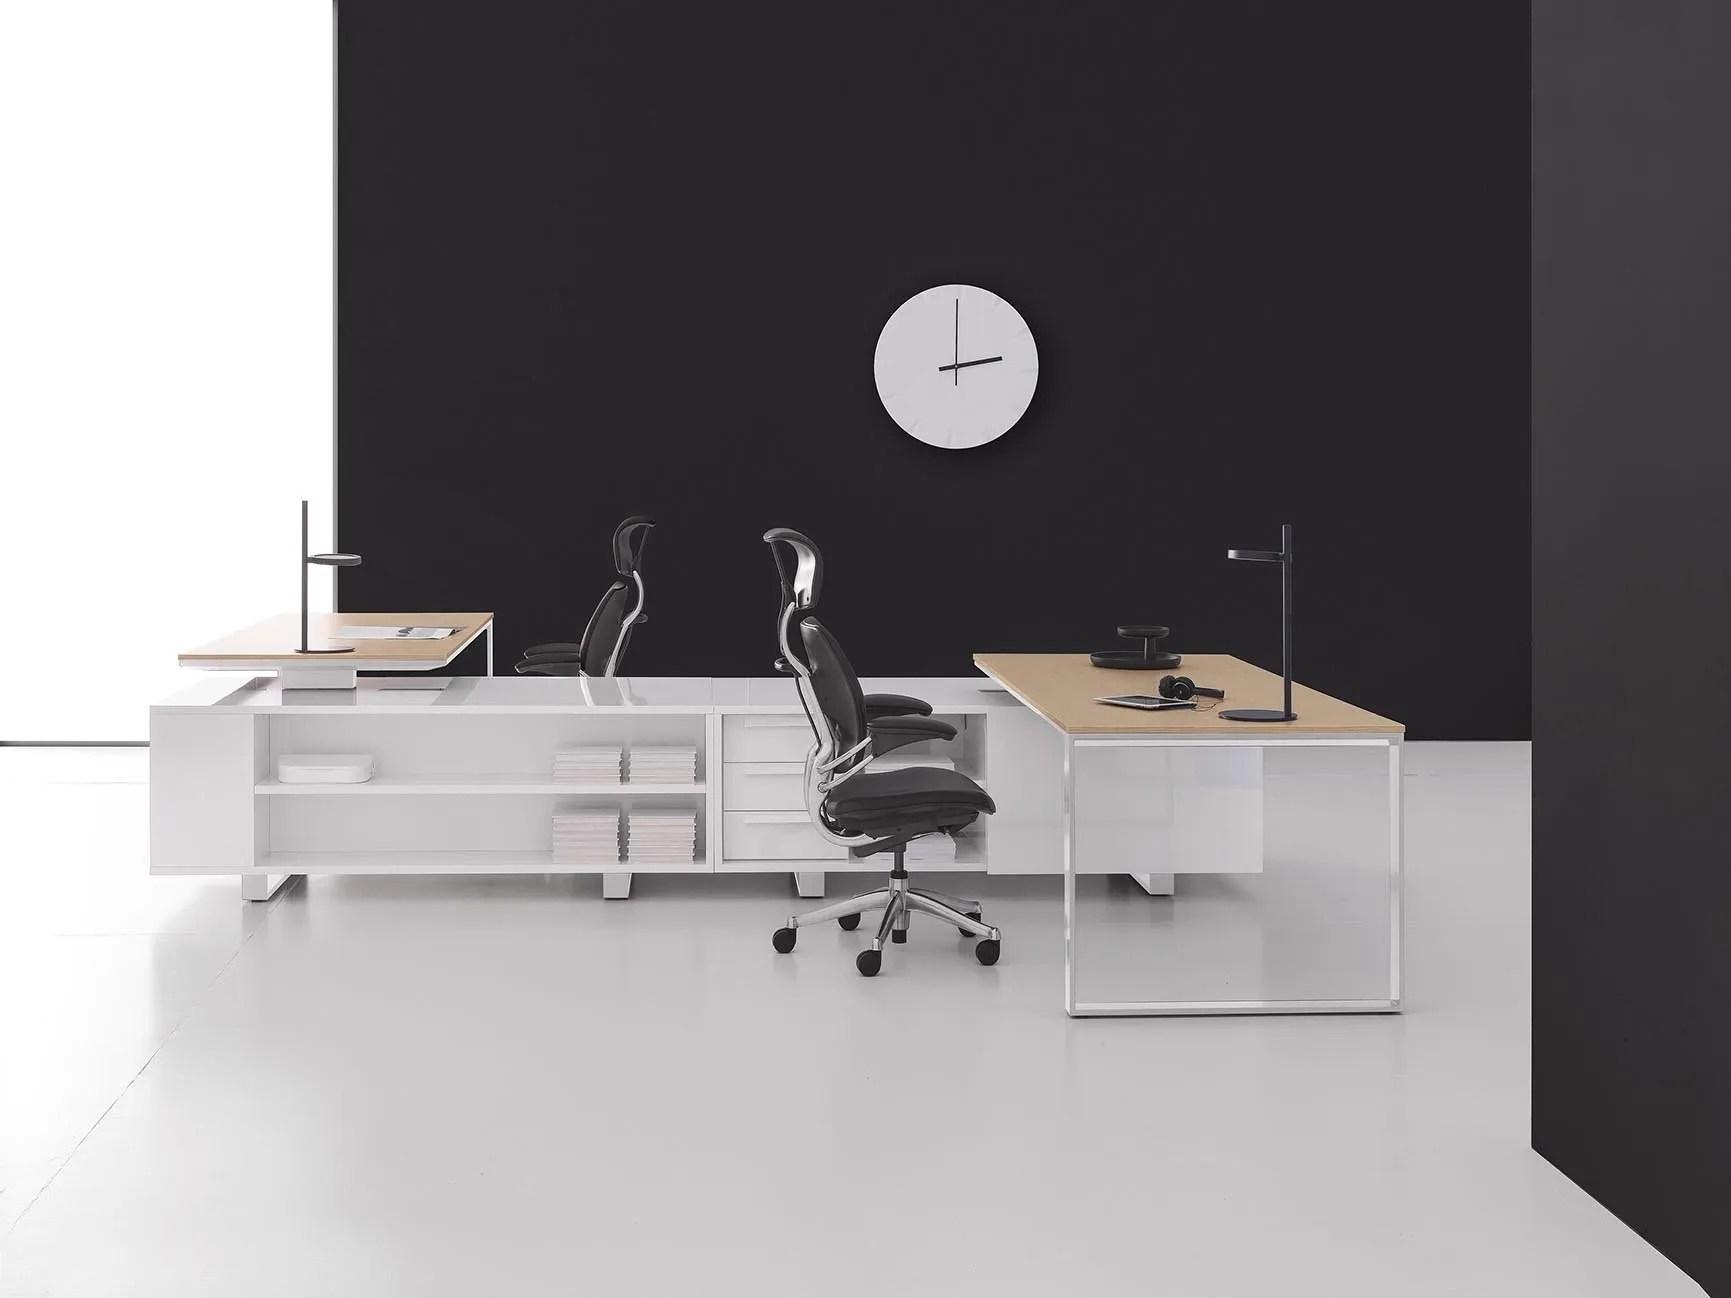 Villosio mobili si occupa della realizzazione e della vendita di mobili e arredi classici e cuneo e provincia. Arredo A Cuneo Cuneo Spazio Ufficio